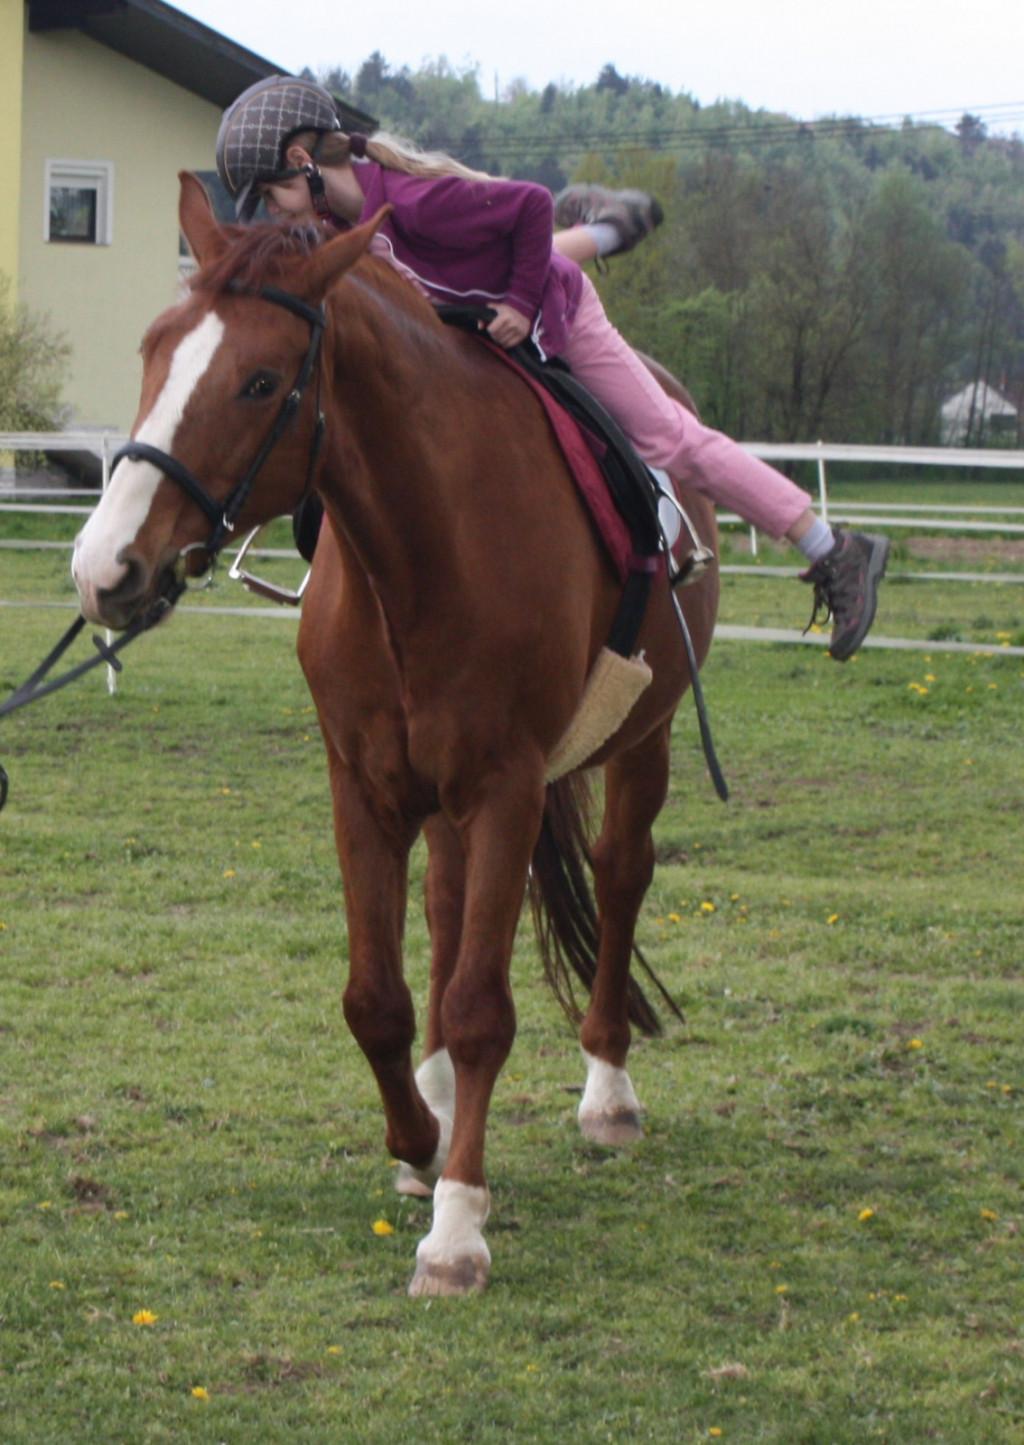 Seskok s konja